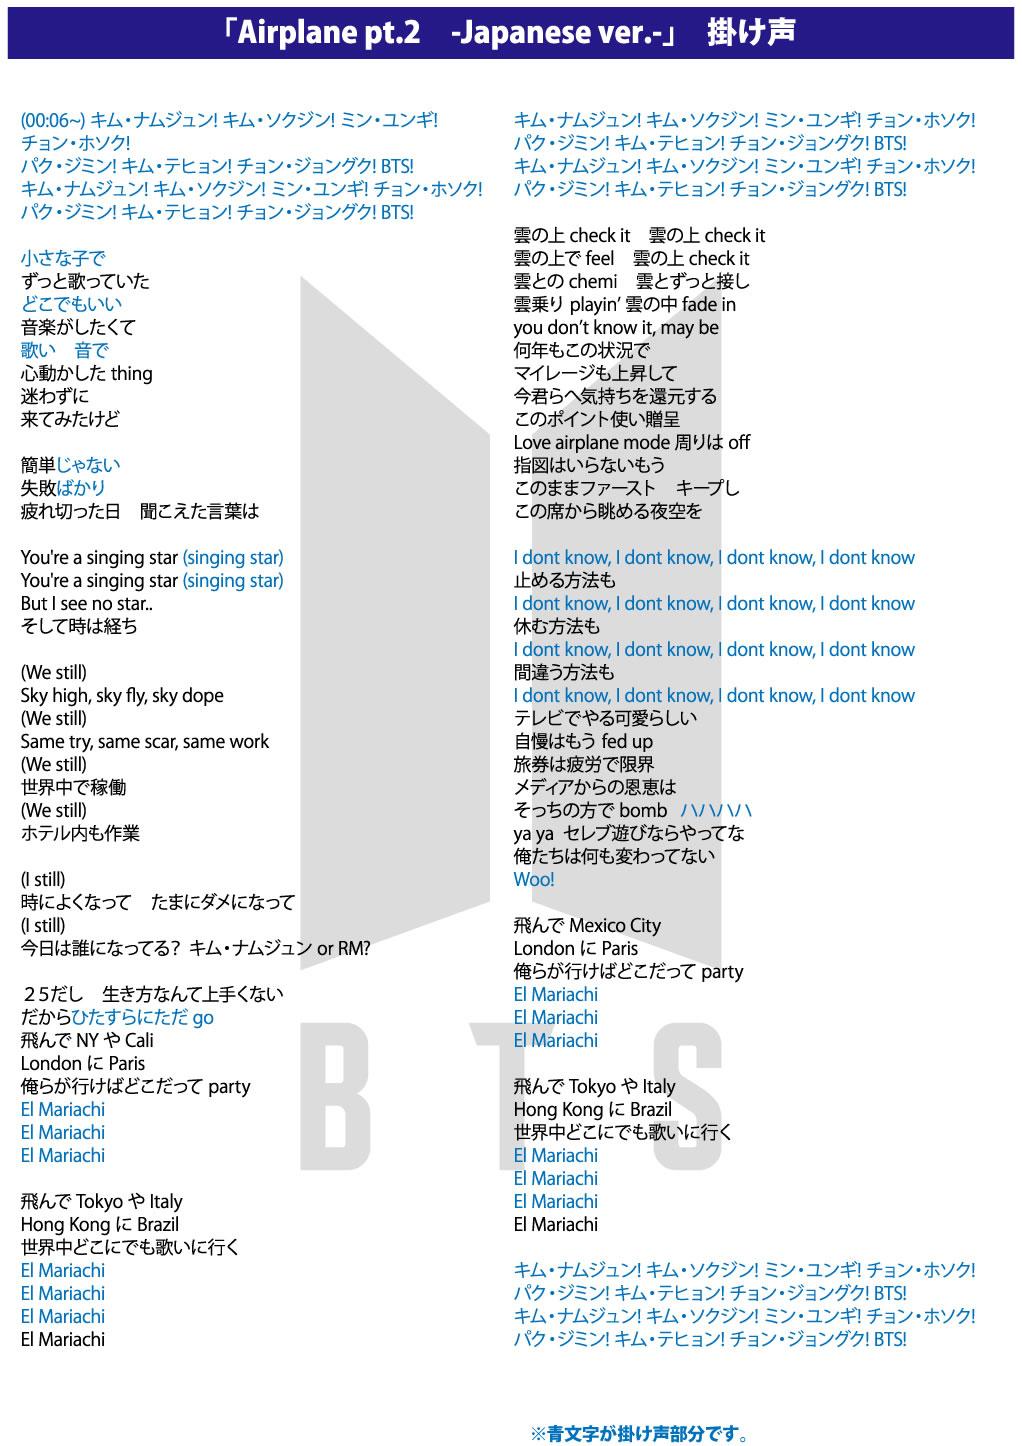 応援方法 Bts Japan Official Fanclub